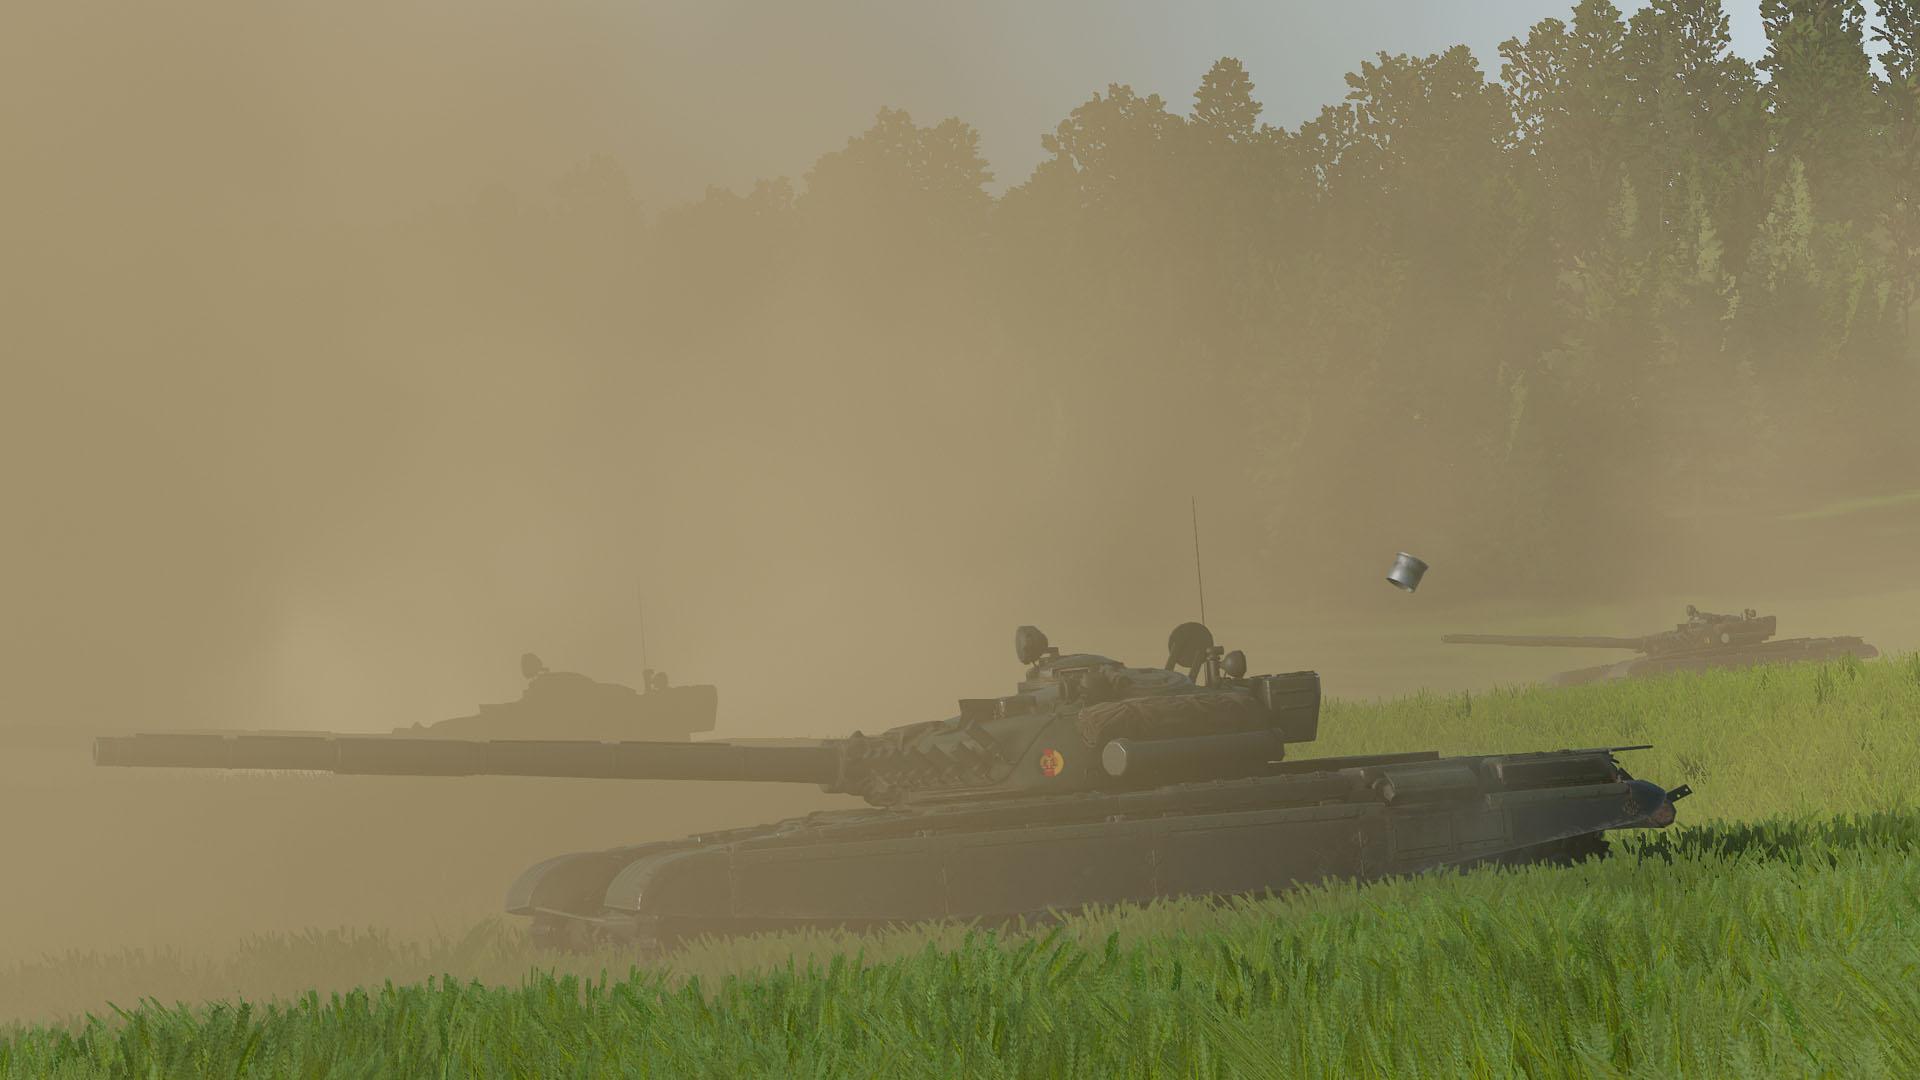 T-72s firing